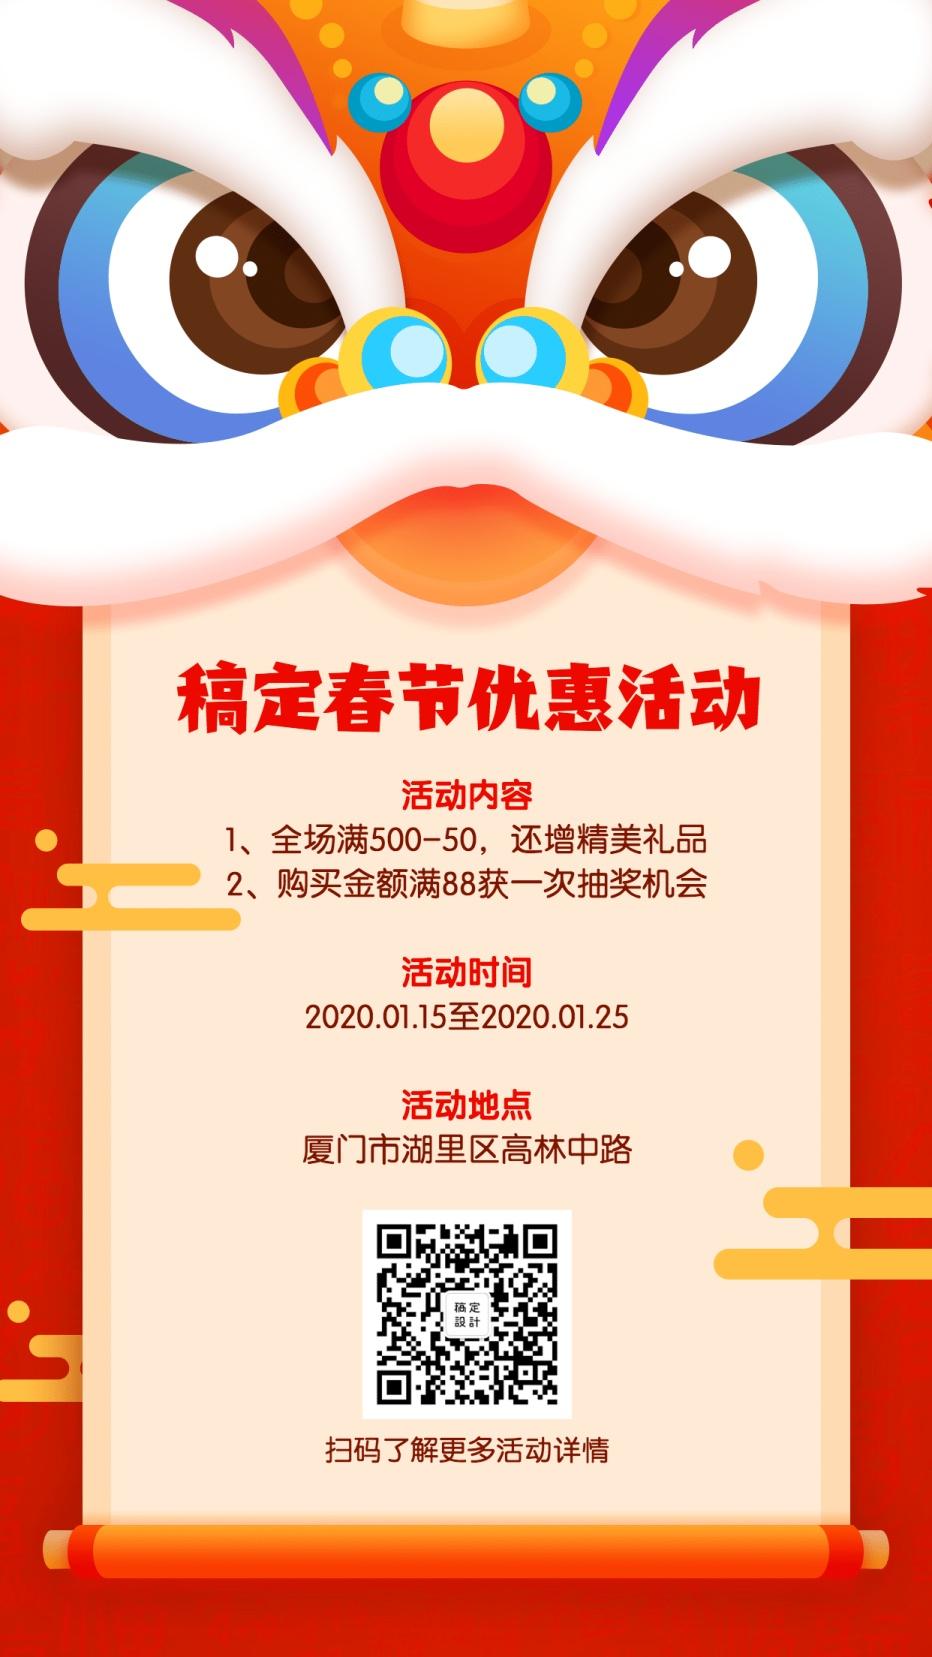 春节新年鼠年年货节通知新春营销中国风手机海报